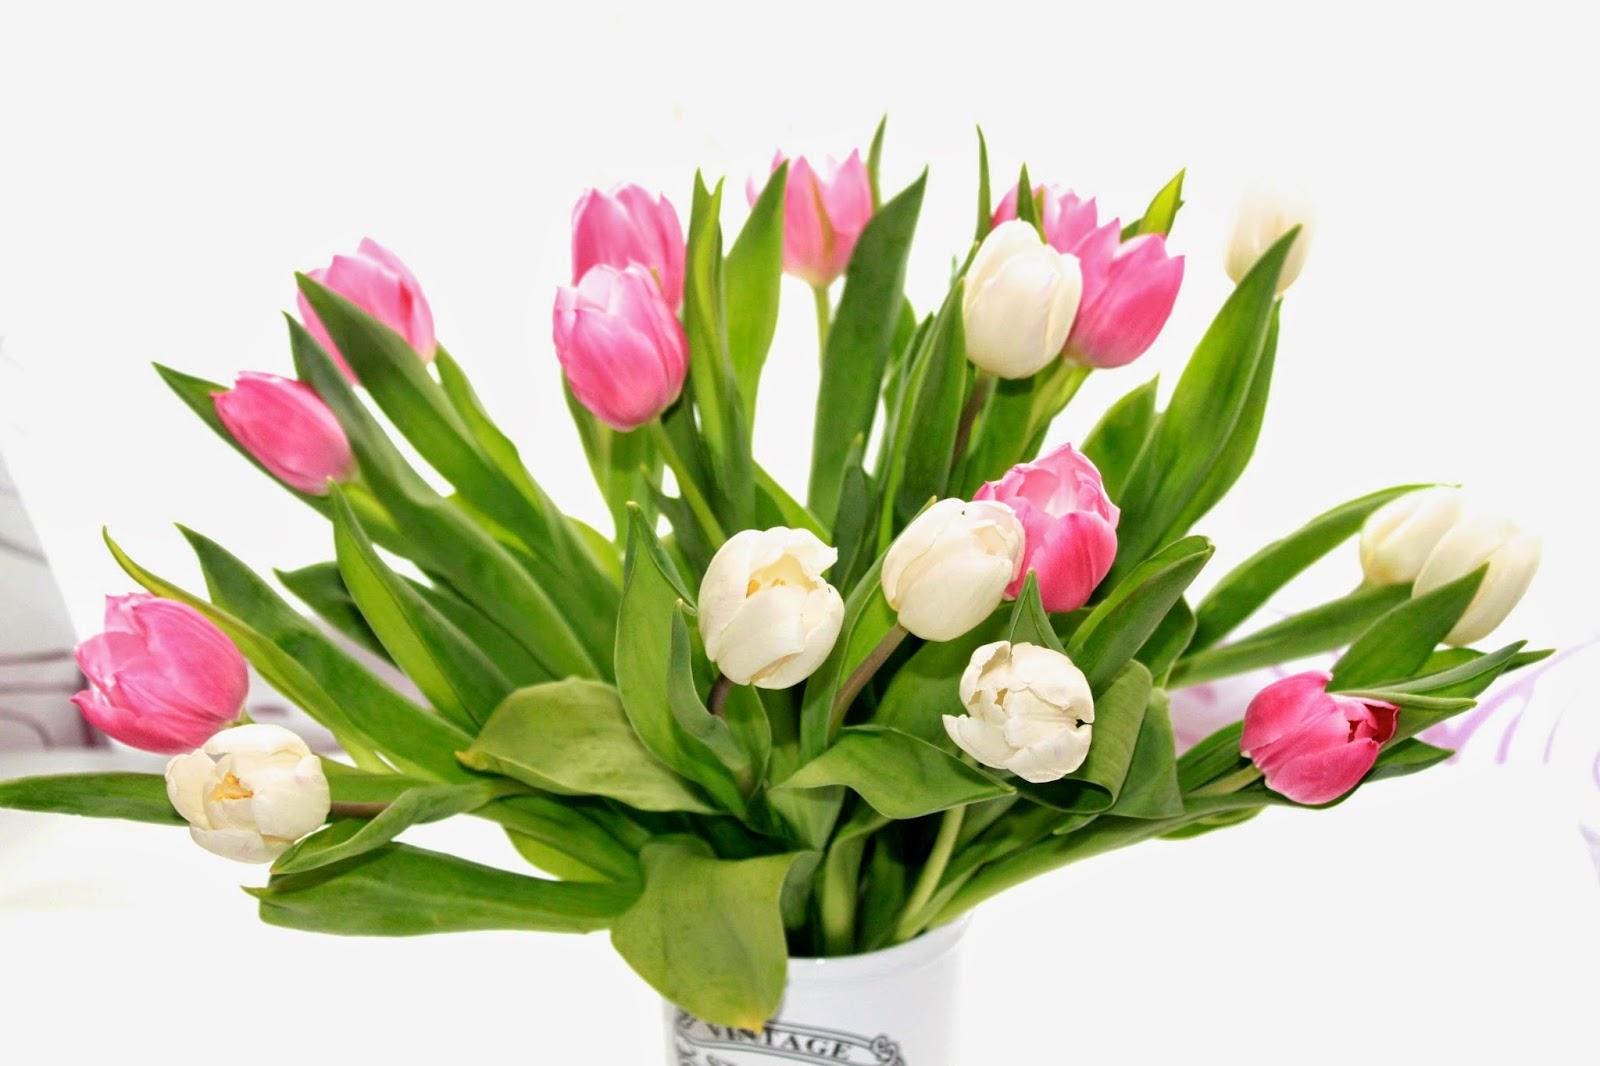 5 Frühlings-Essentials: Einfach Frühling!